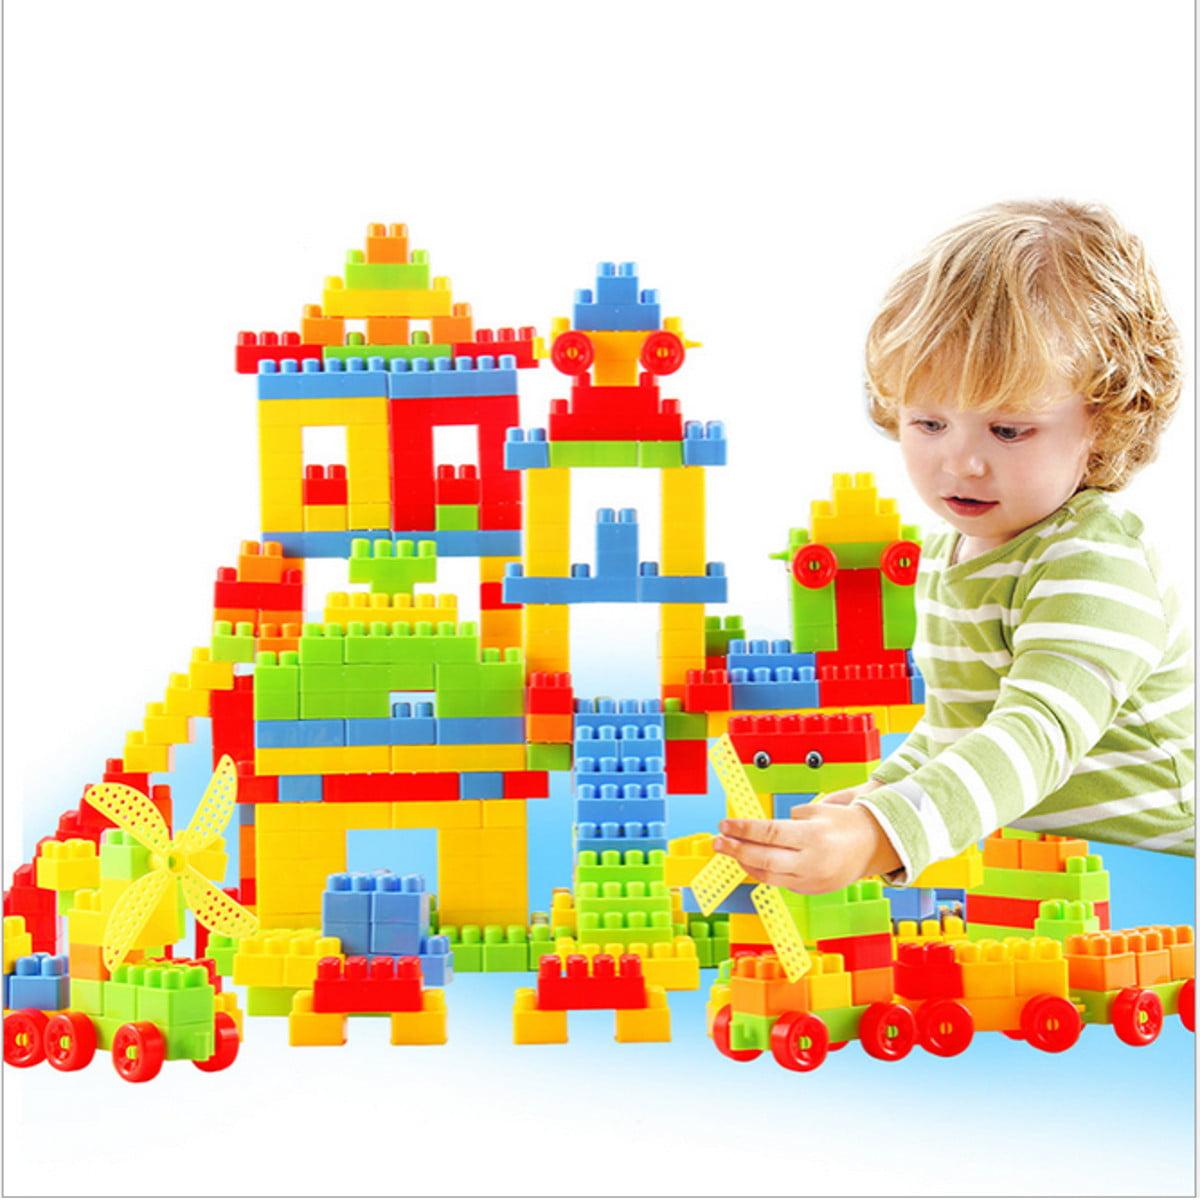 80Pcs Children Kids Plastic Puzzle Building Blocks Bricks Educational Toy by